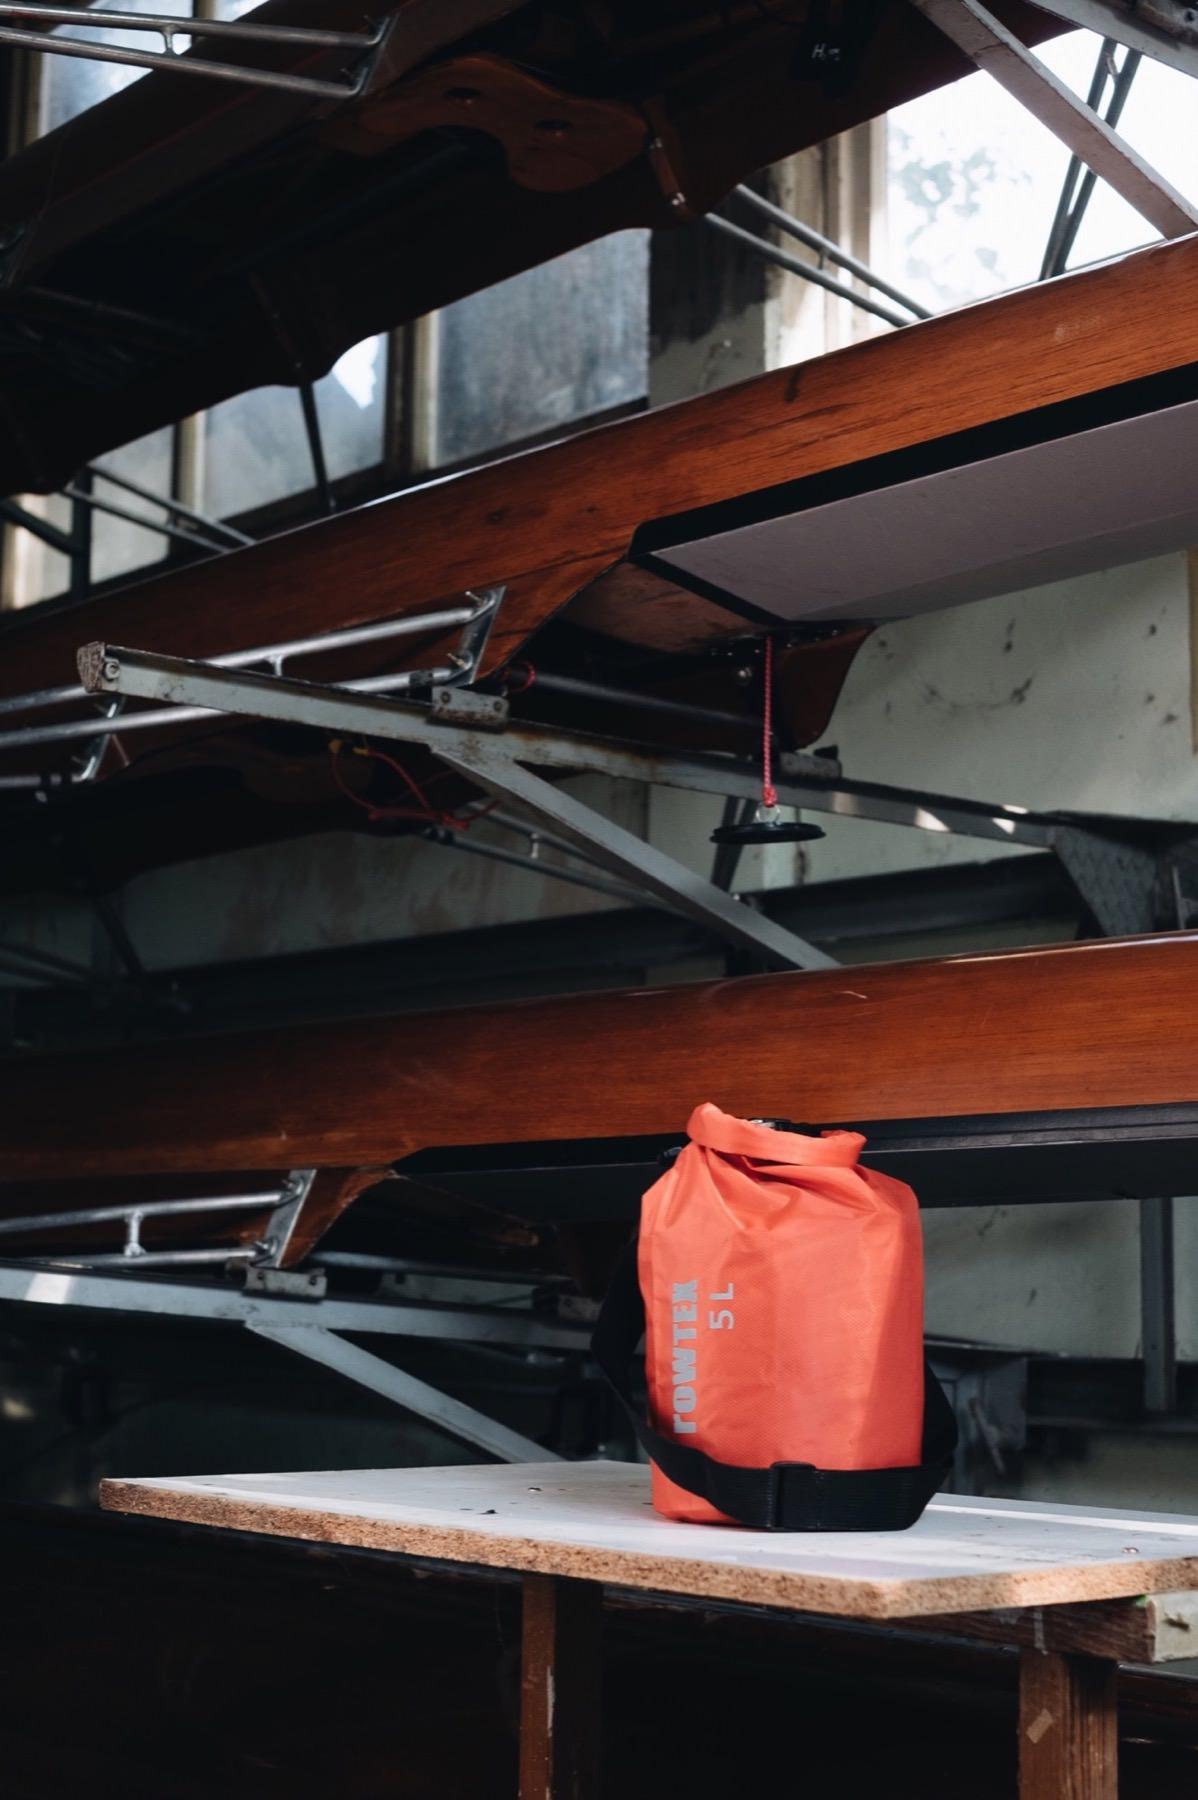 ROWTEX_Rowing_Julius_Hirtzberger7